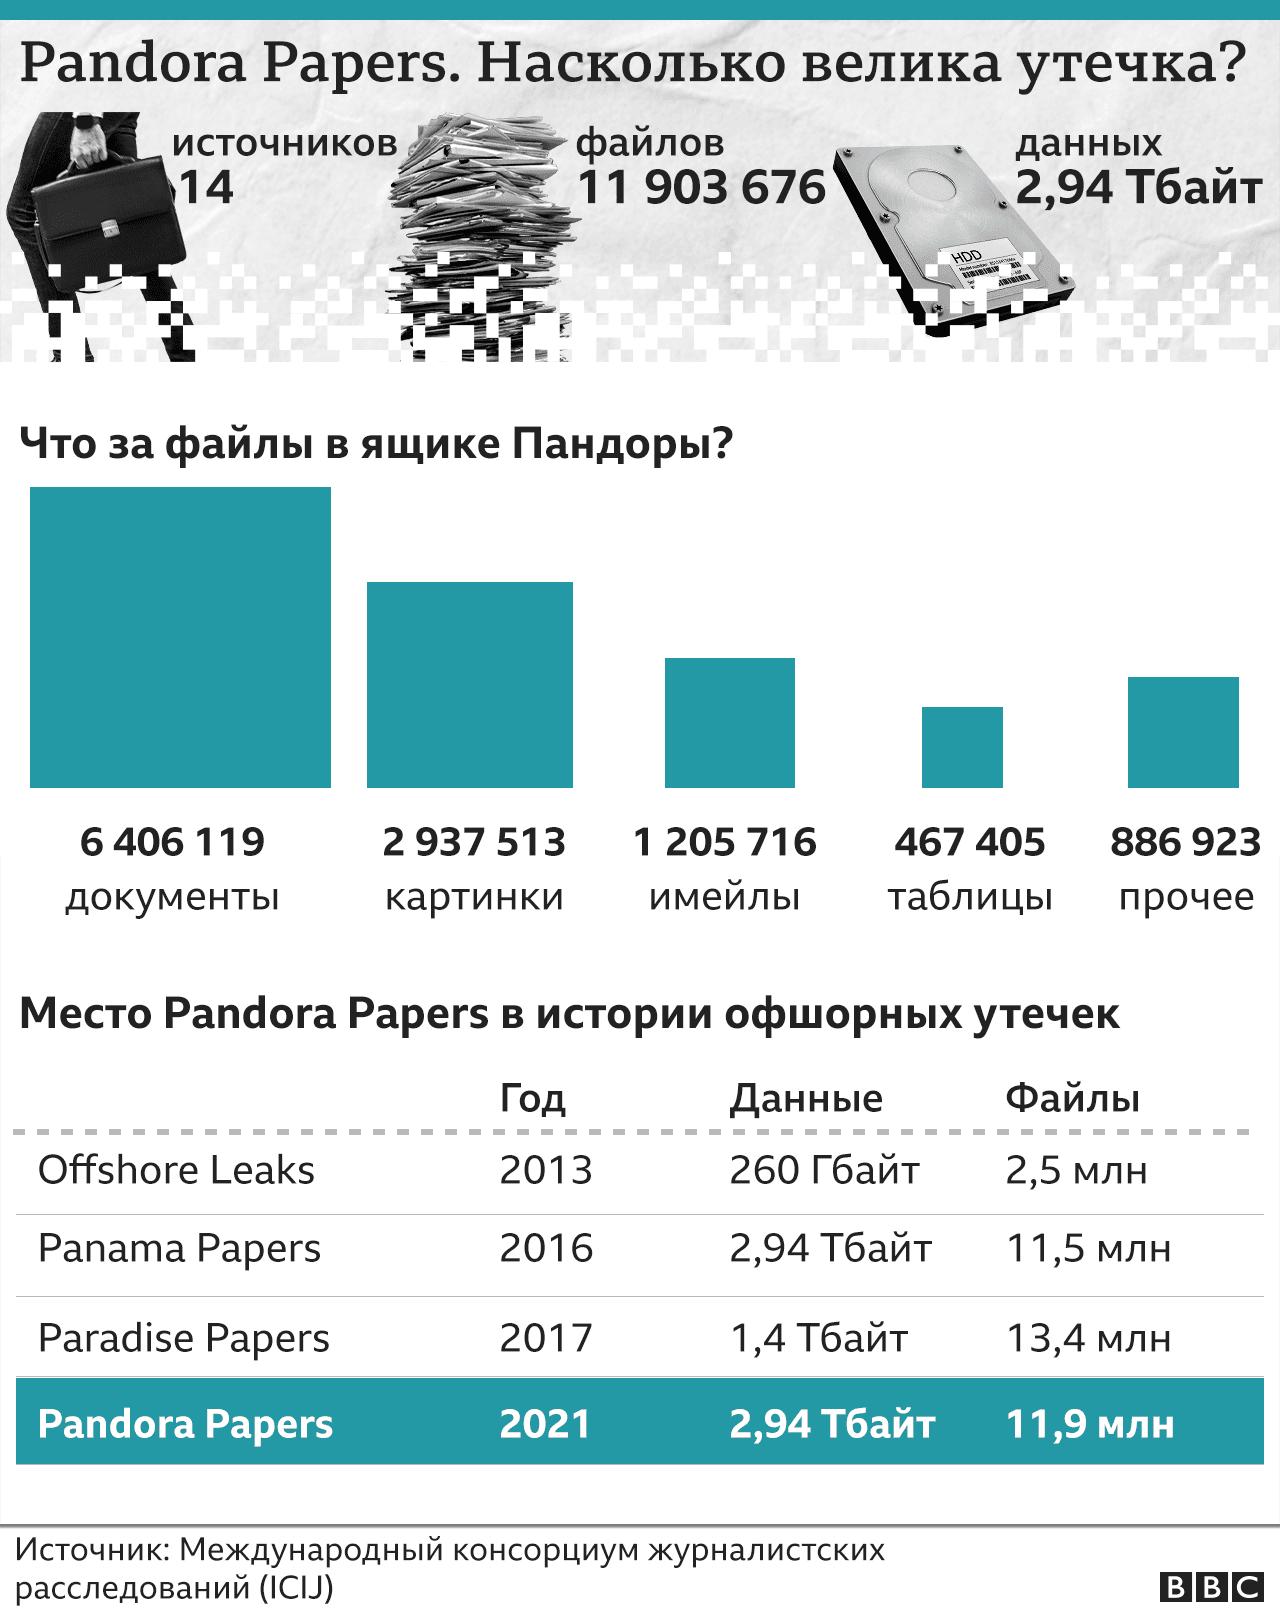 Что такое Pandora Papers